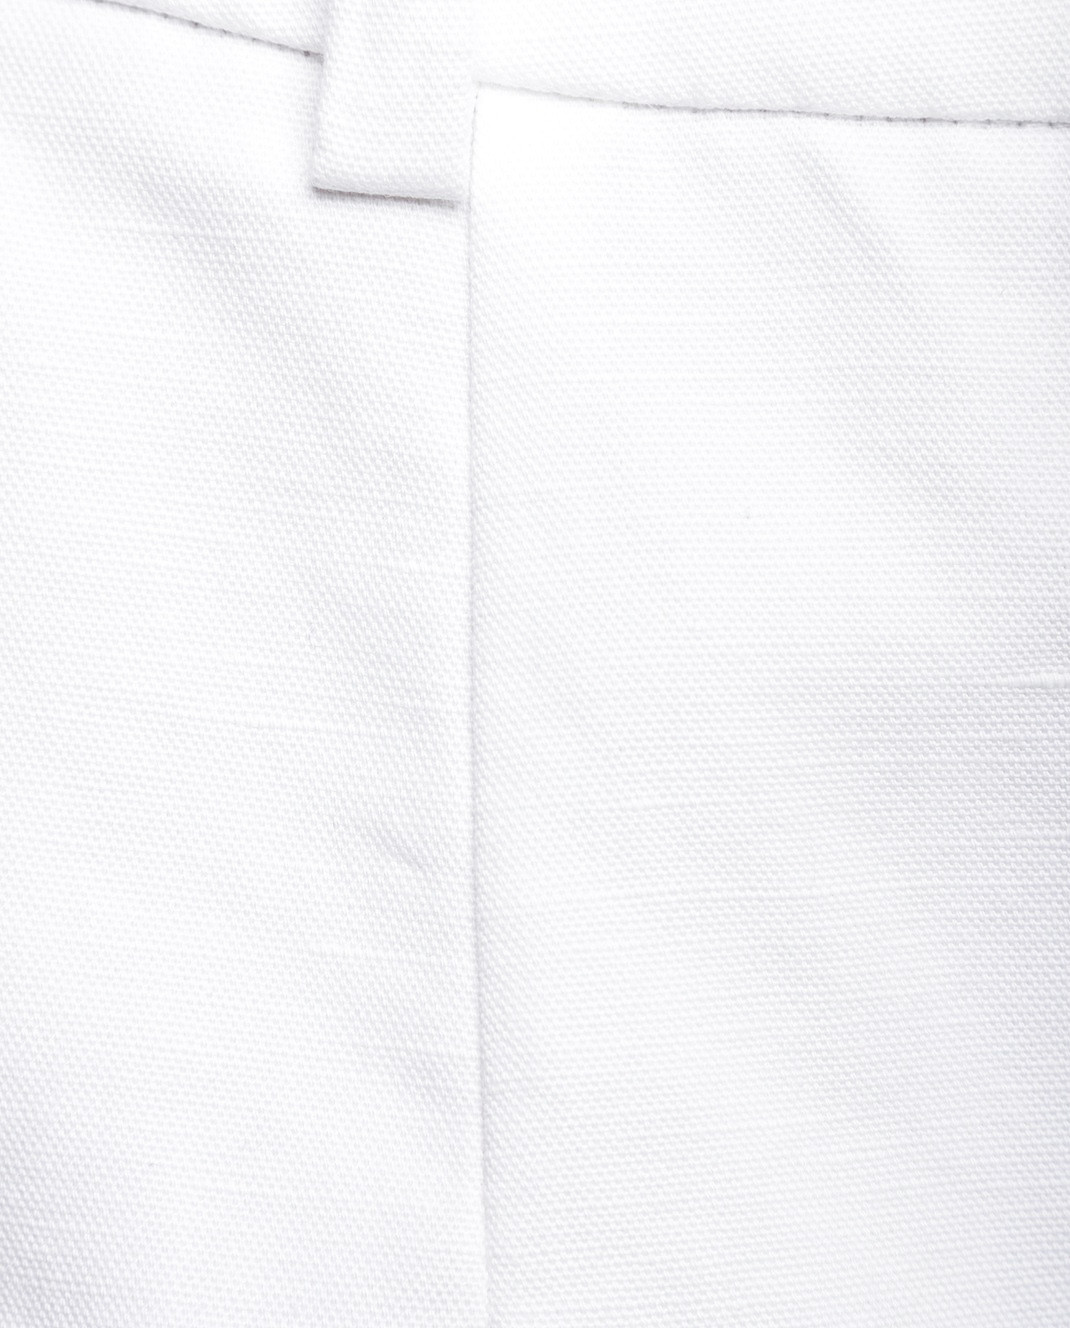 Alexander Terekhov Белые брюки P119 изображение 6